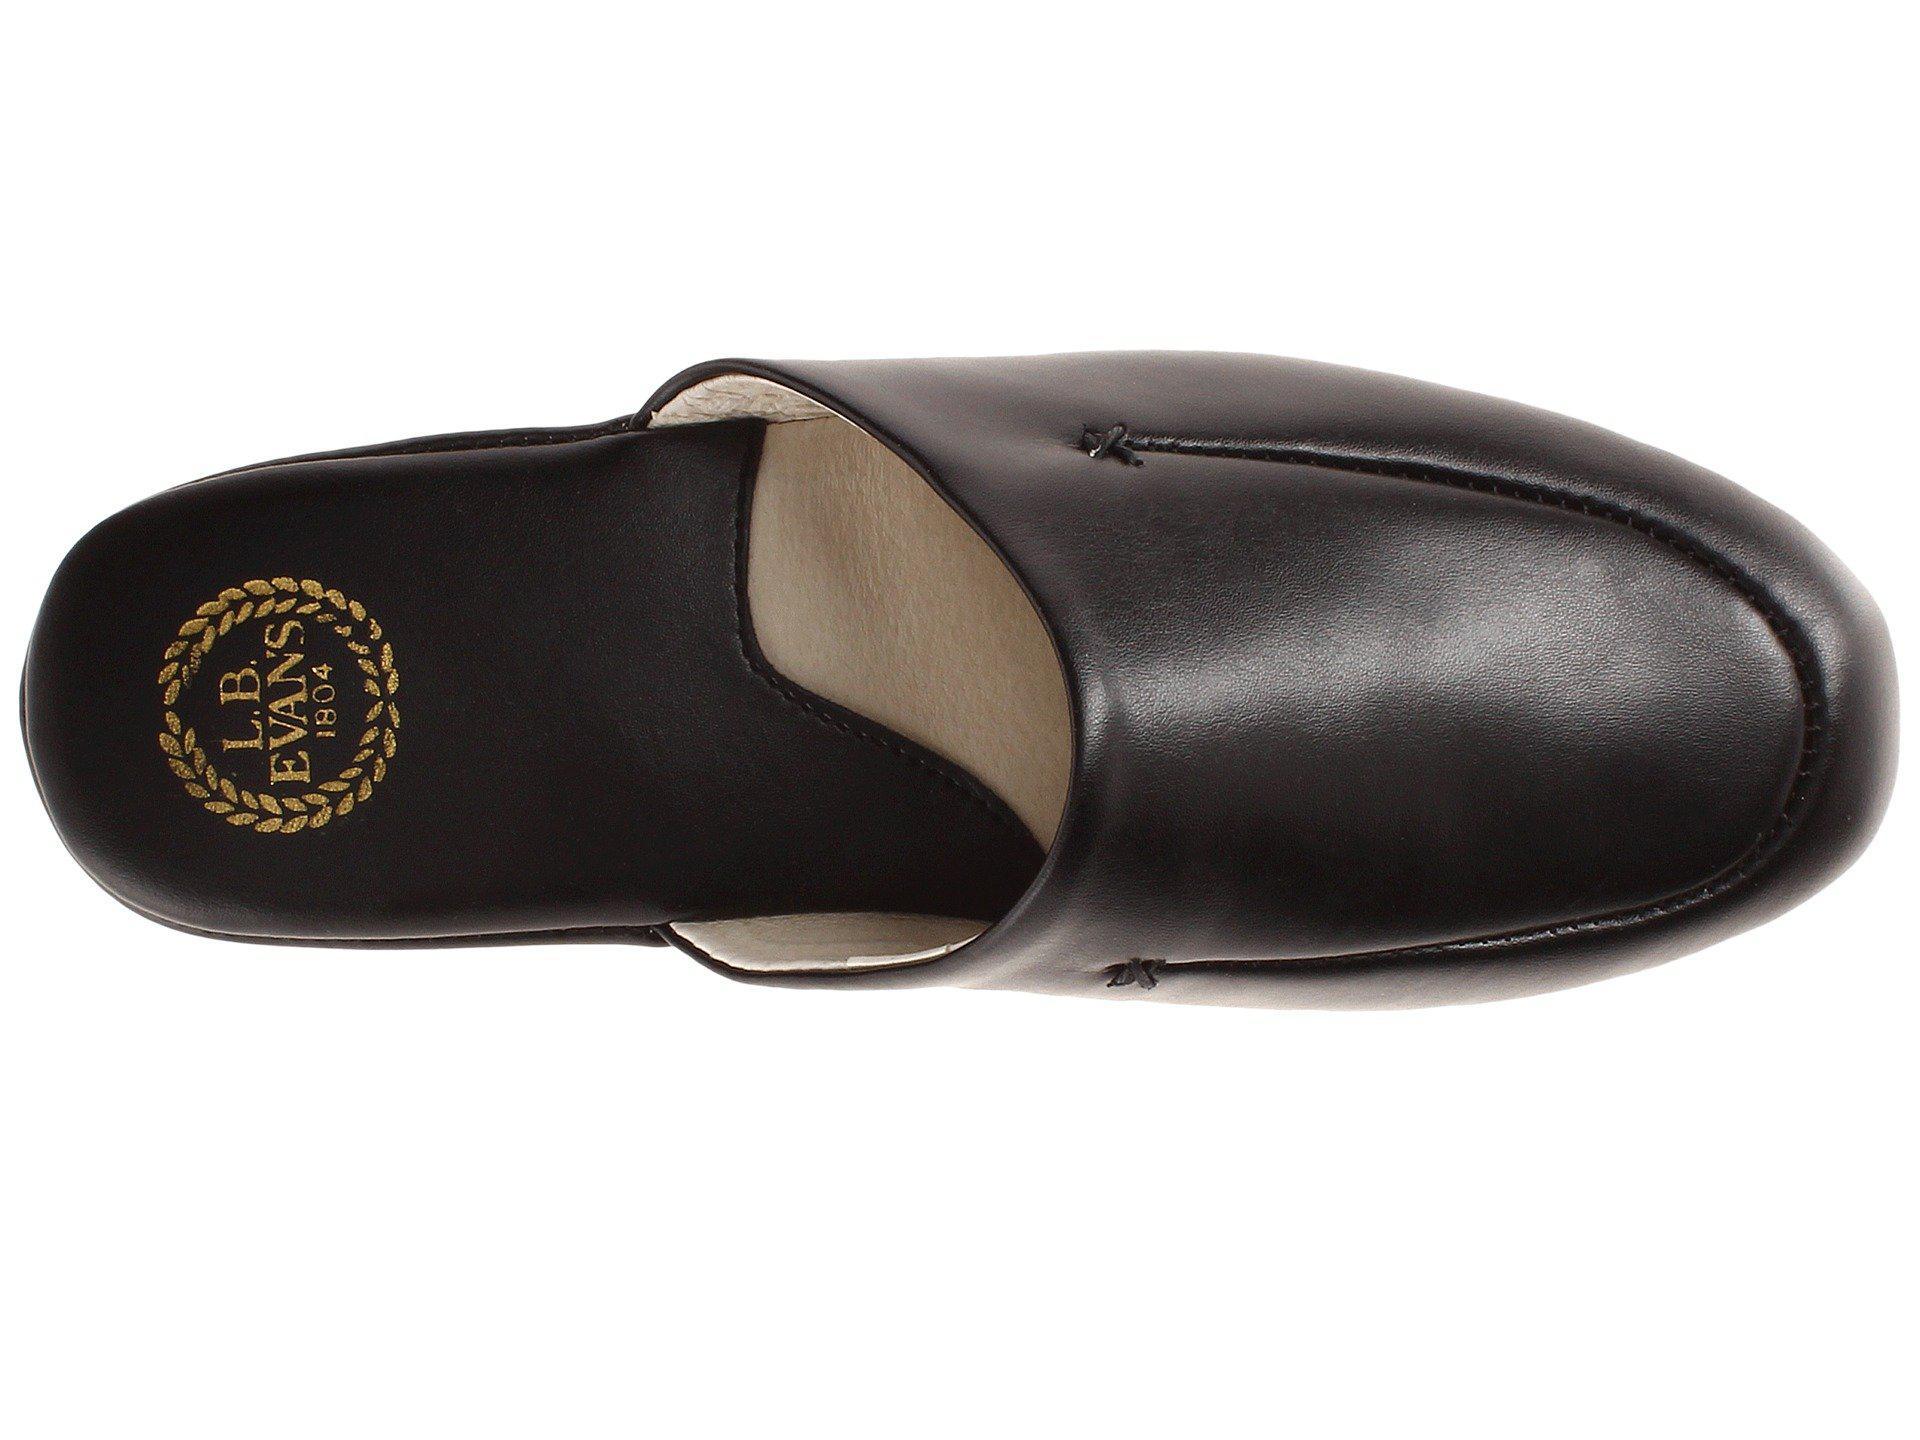 463122963cd L.B. Evans - Duke Scuff (black Leather) Men s Slippers for Men - Lyst. View  fullscreen